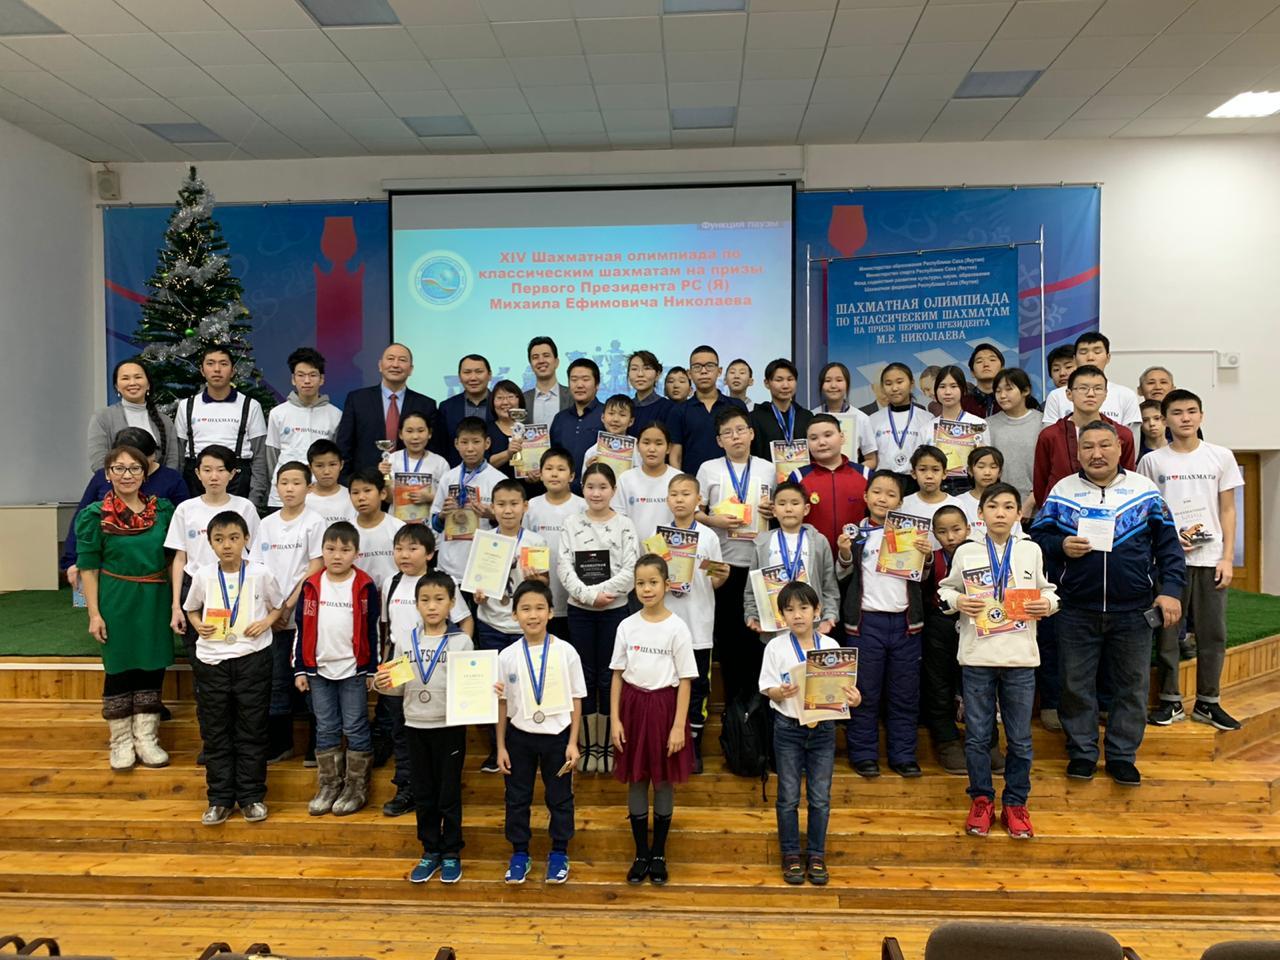 В шахматной олимпиаде на призы Михаила Николаева победила команда школы №2 Якутска